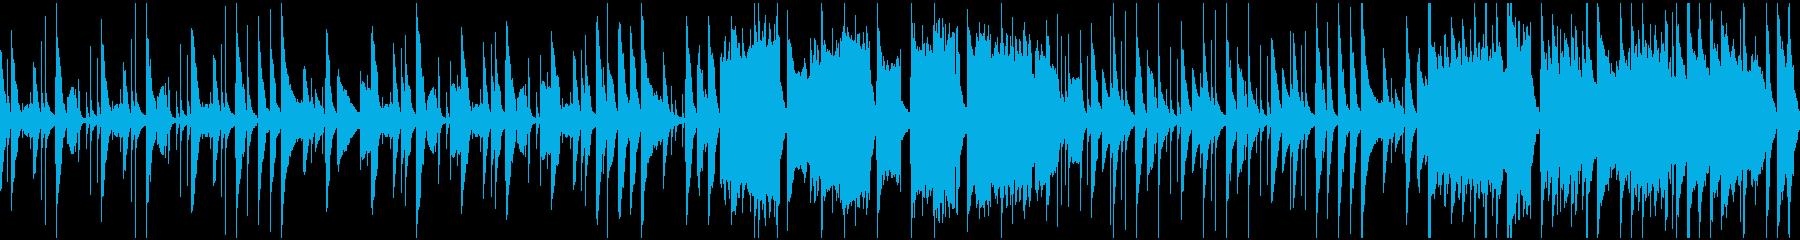 ほのぼの木琴・キッズ・ループ仕様の再生済みの波形